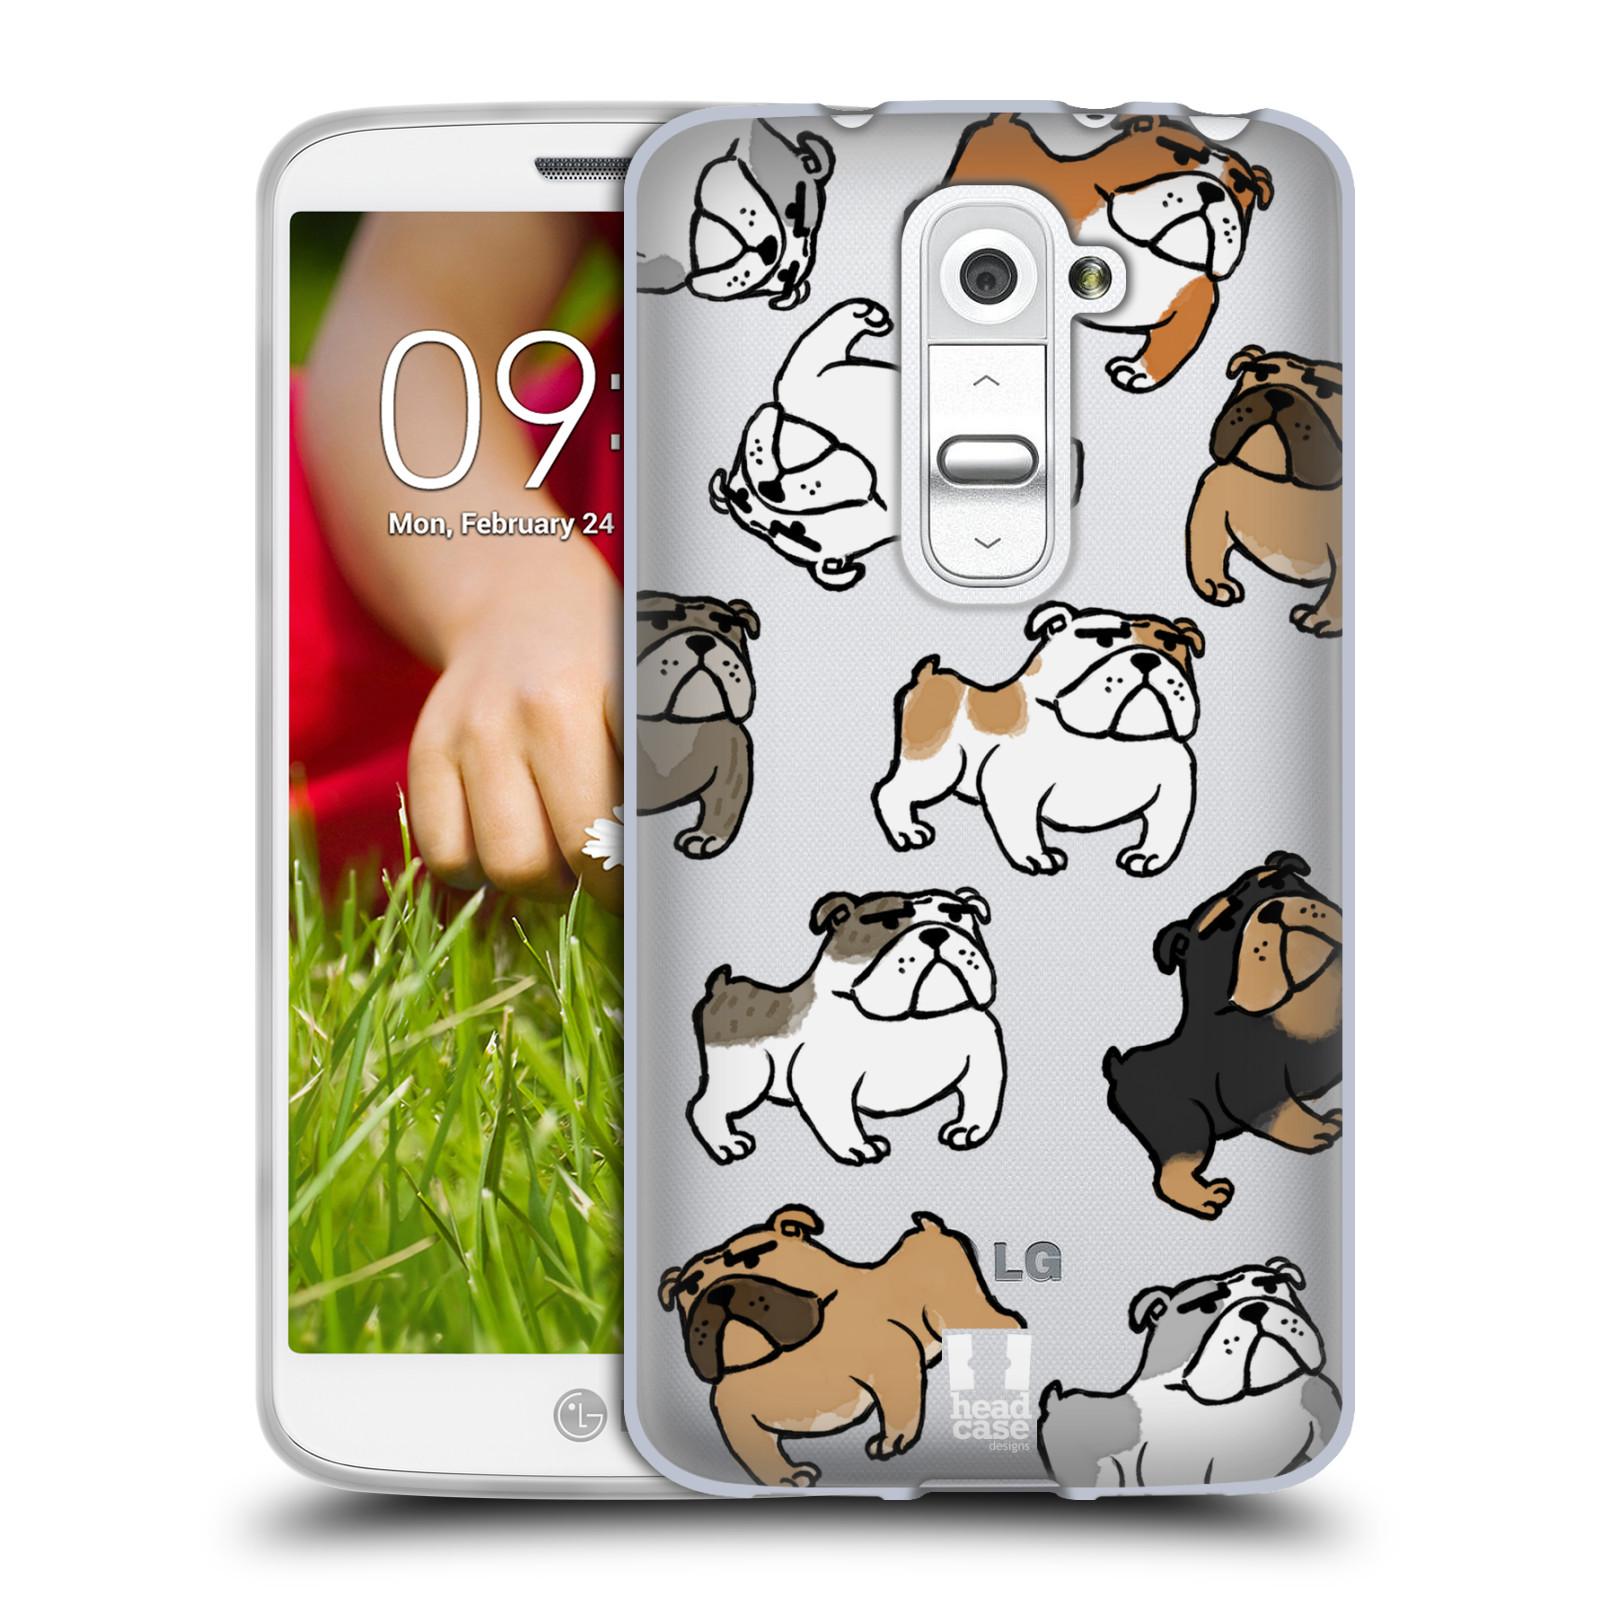 Silikonové pouzdro na mobil LG G2 Mini Head Case - Buldoci (Silikonový kryt či obal na mobilní telefon s motivem buldoků pro LG G2 Mini D620)